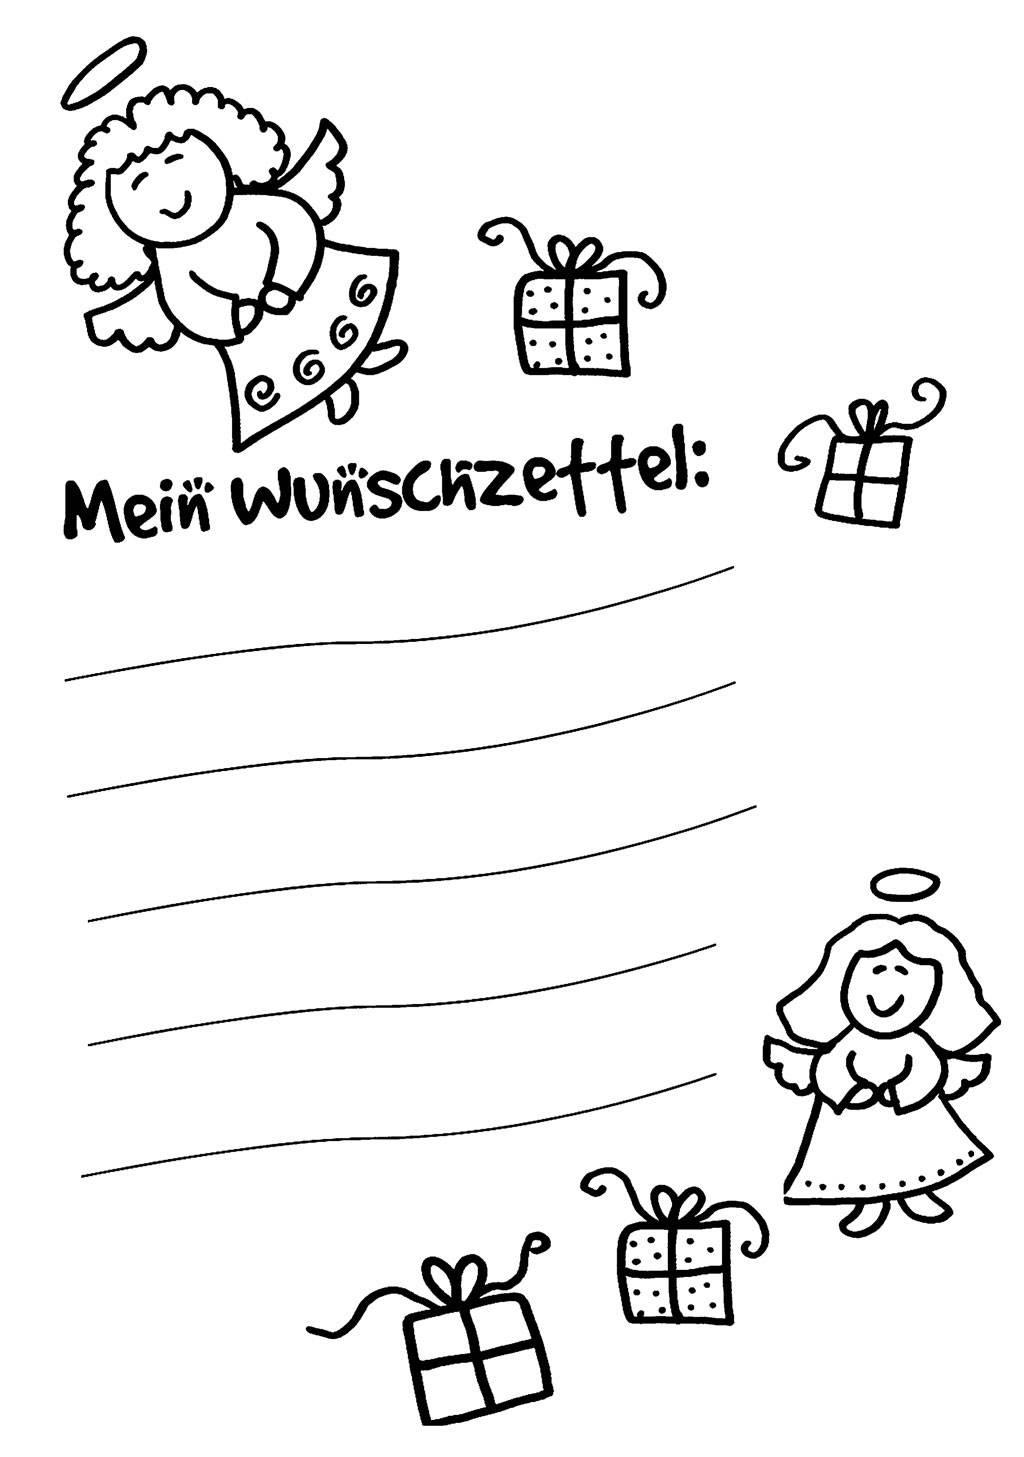 Ausmalbild Wunschzettel für Weihnachten Wunschzettel für Kinder kostenlos ausdrucken